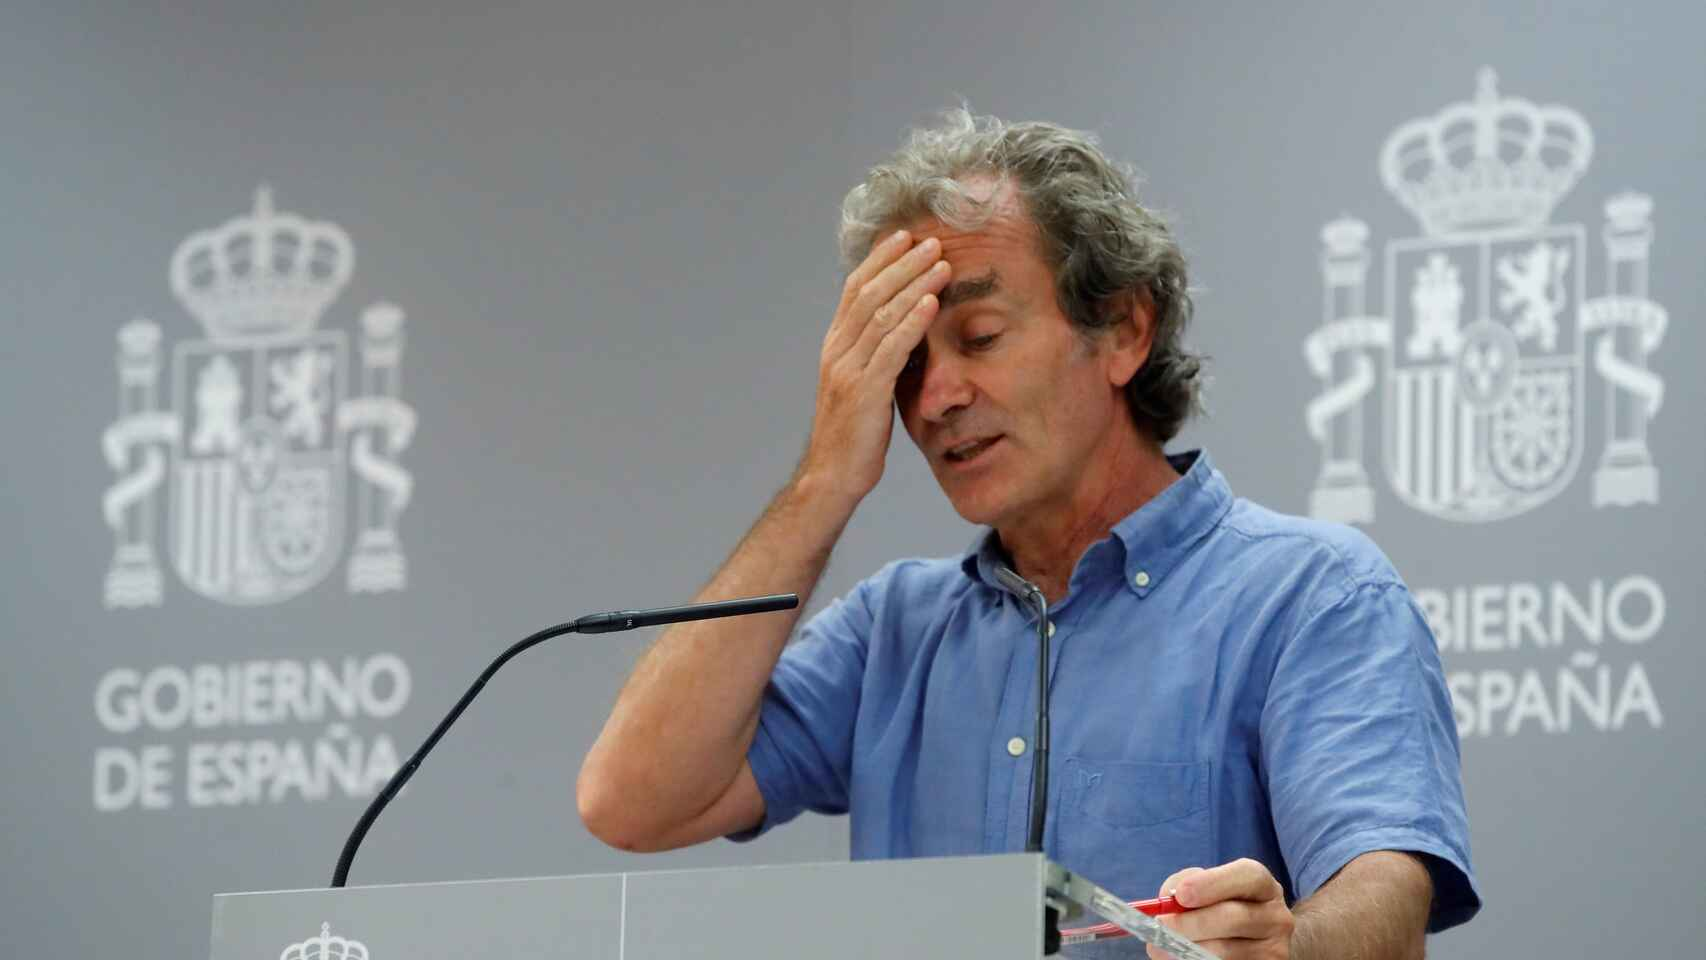 Este es el'patinazo' de Fernando Simon que indigna a los cientificos españoles